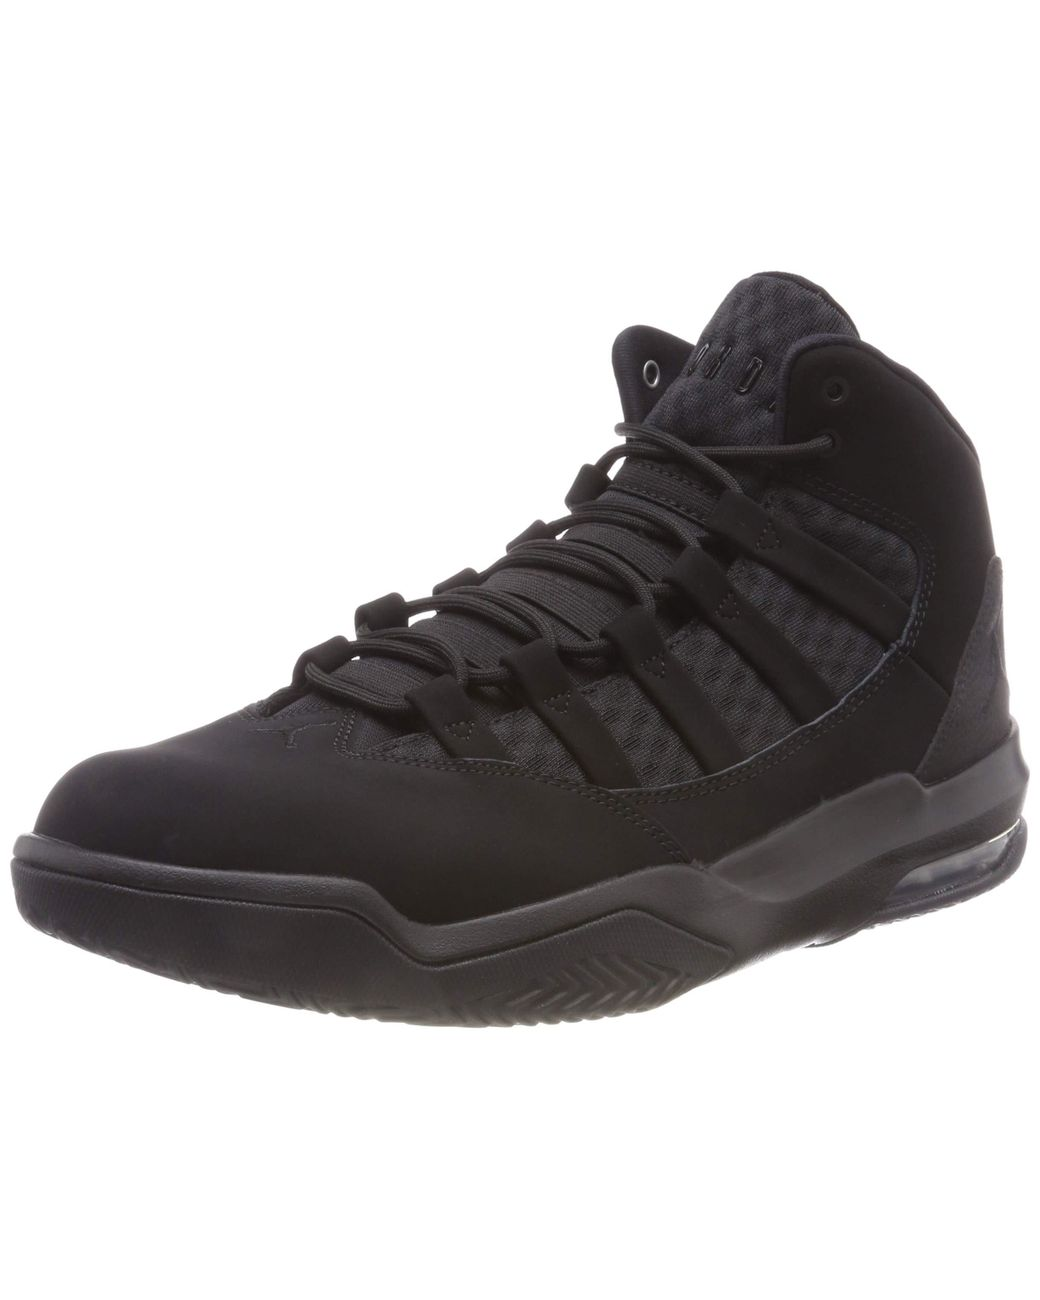 Jordan Max Aura Cuir Nike pour homme en coloris Noir - 35 % de ...